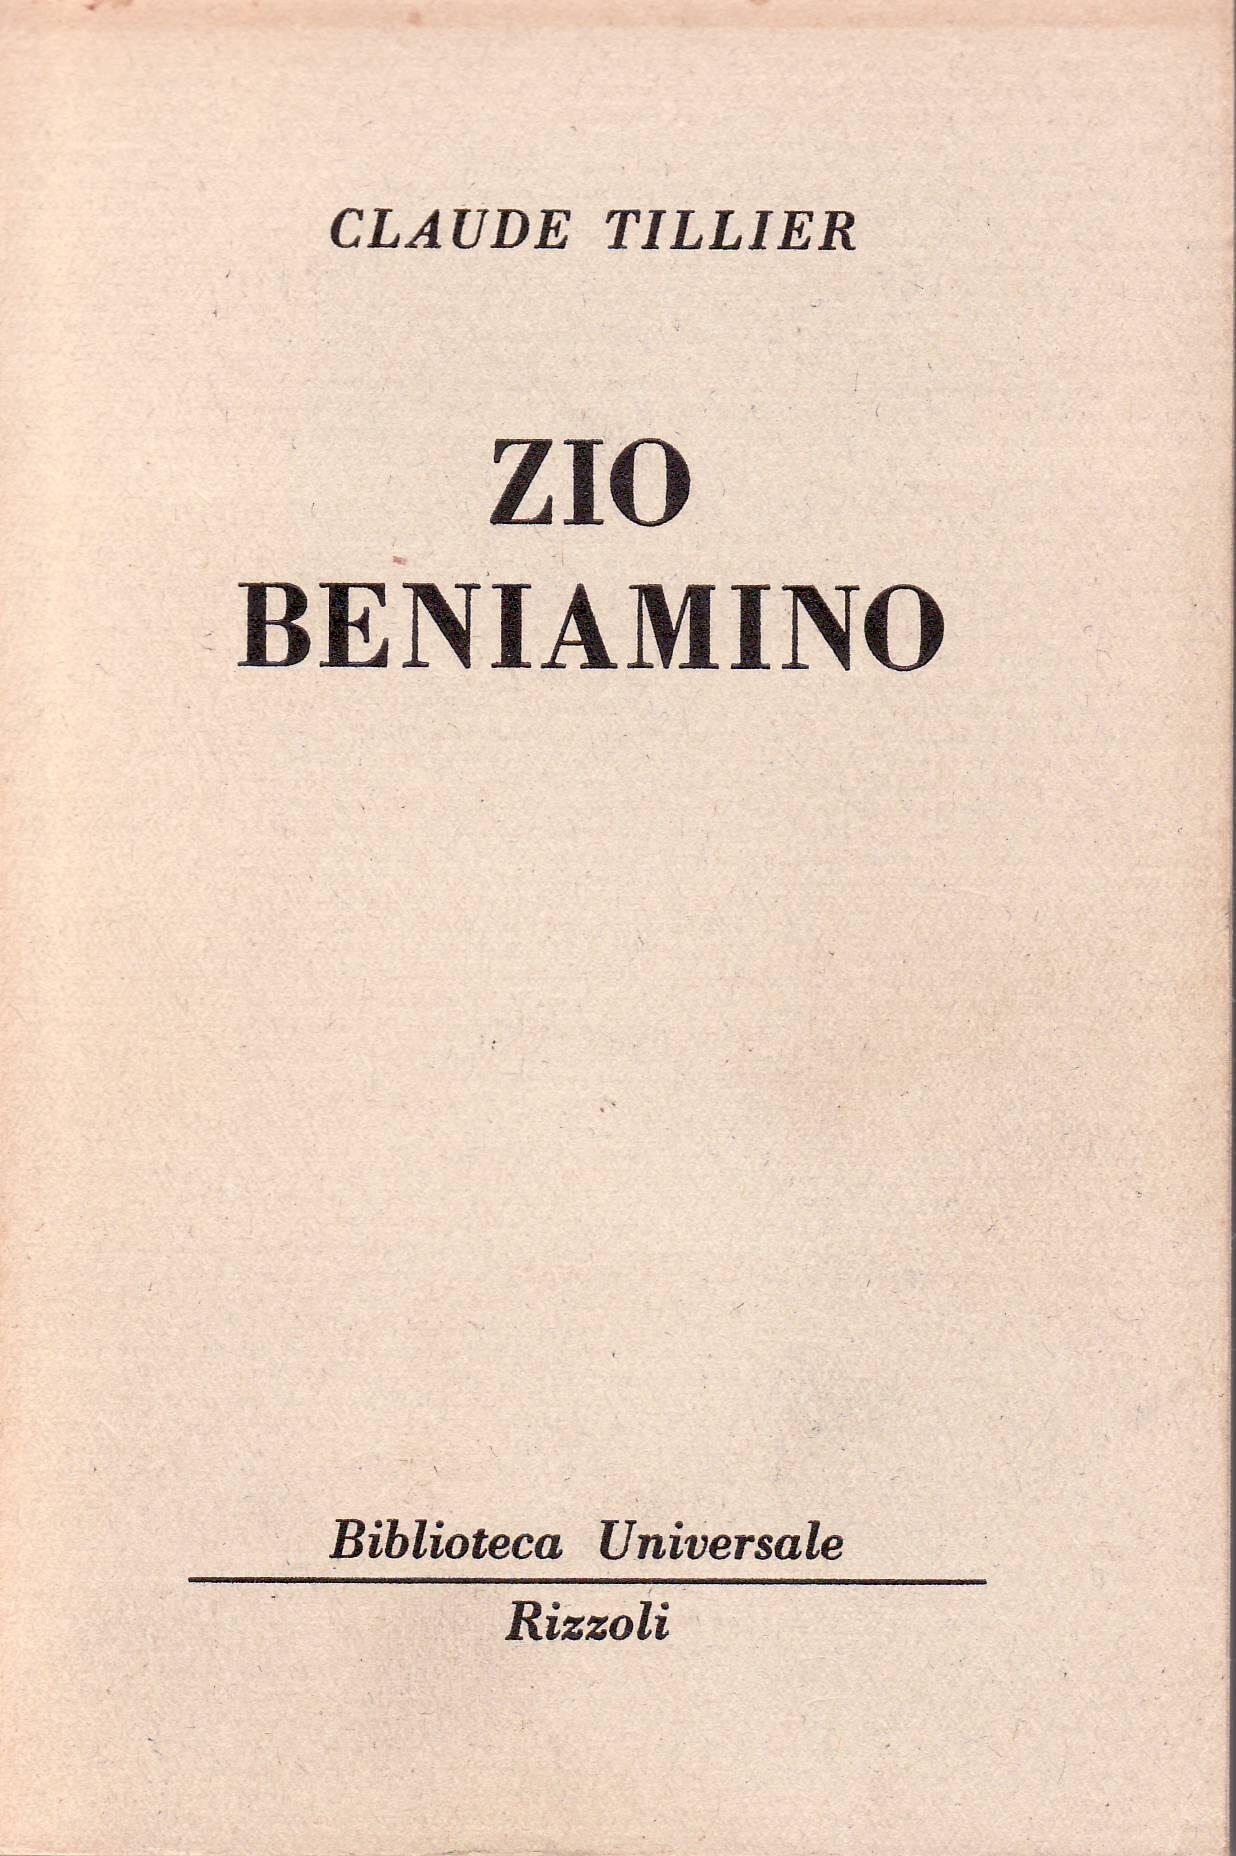 Zio Beniamino